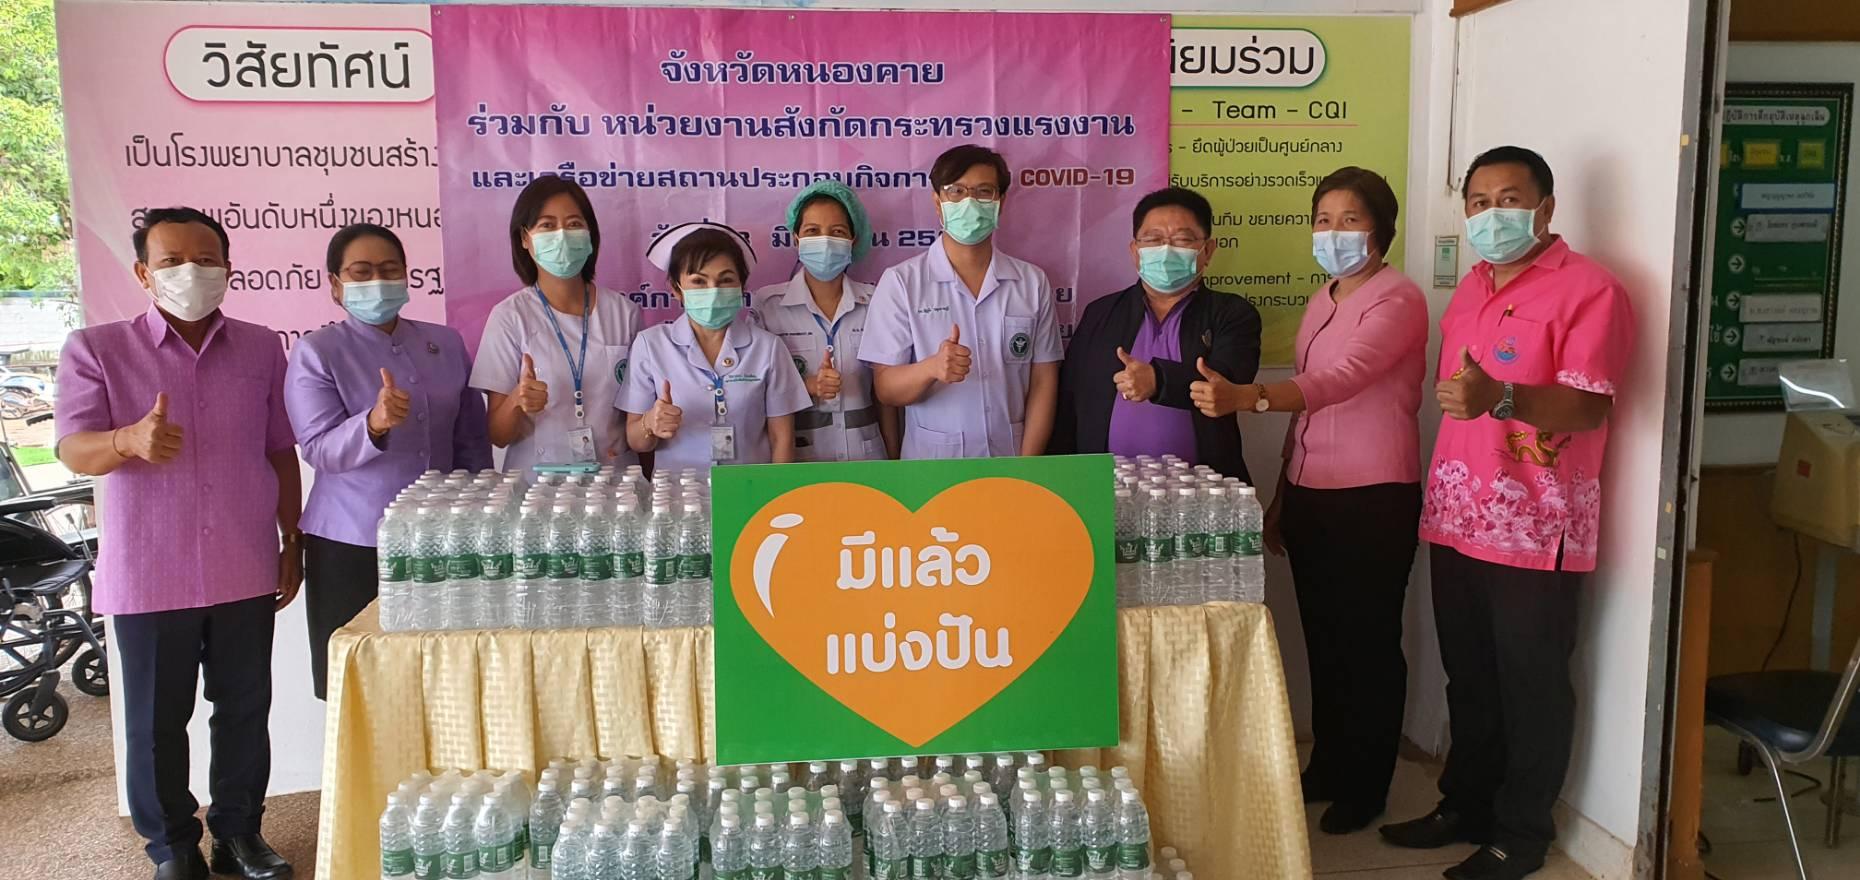 ร่วมมอบของบริจาคเครื่องดื่ม เพื่อช่วยเหลือผู้ที่ได้รับผลกระทบจากโควิด 19 ให้กับทางโรงพยาบาลสระใครได